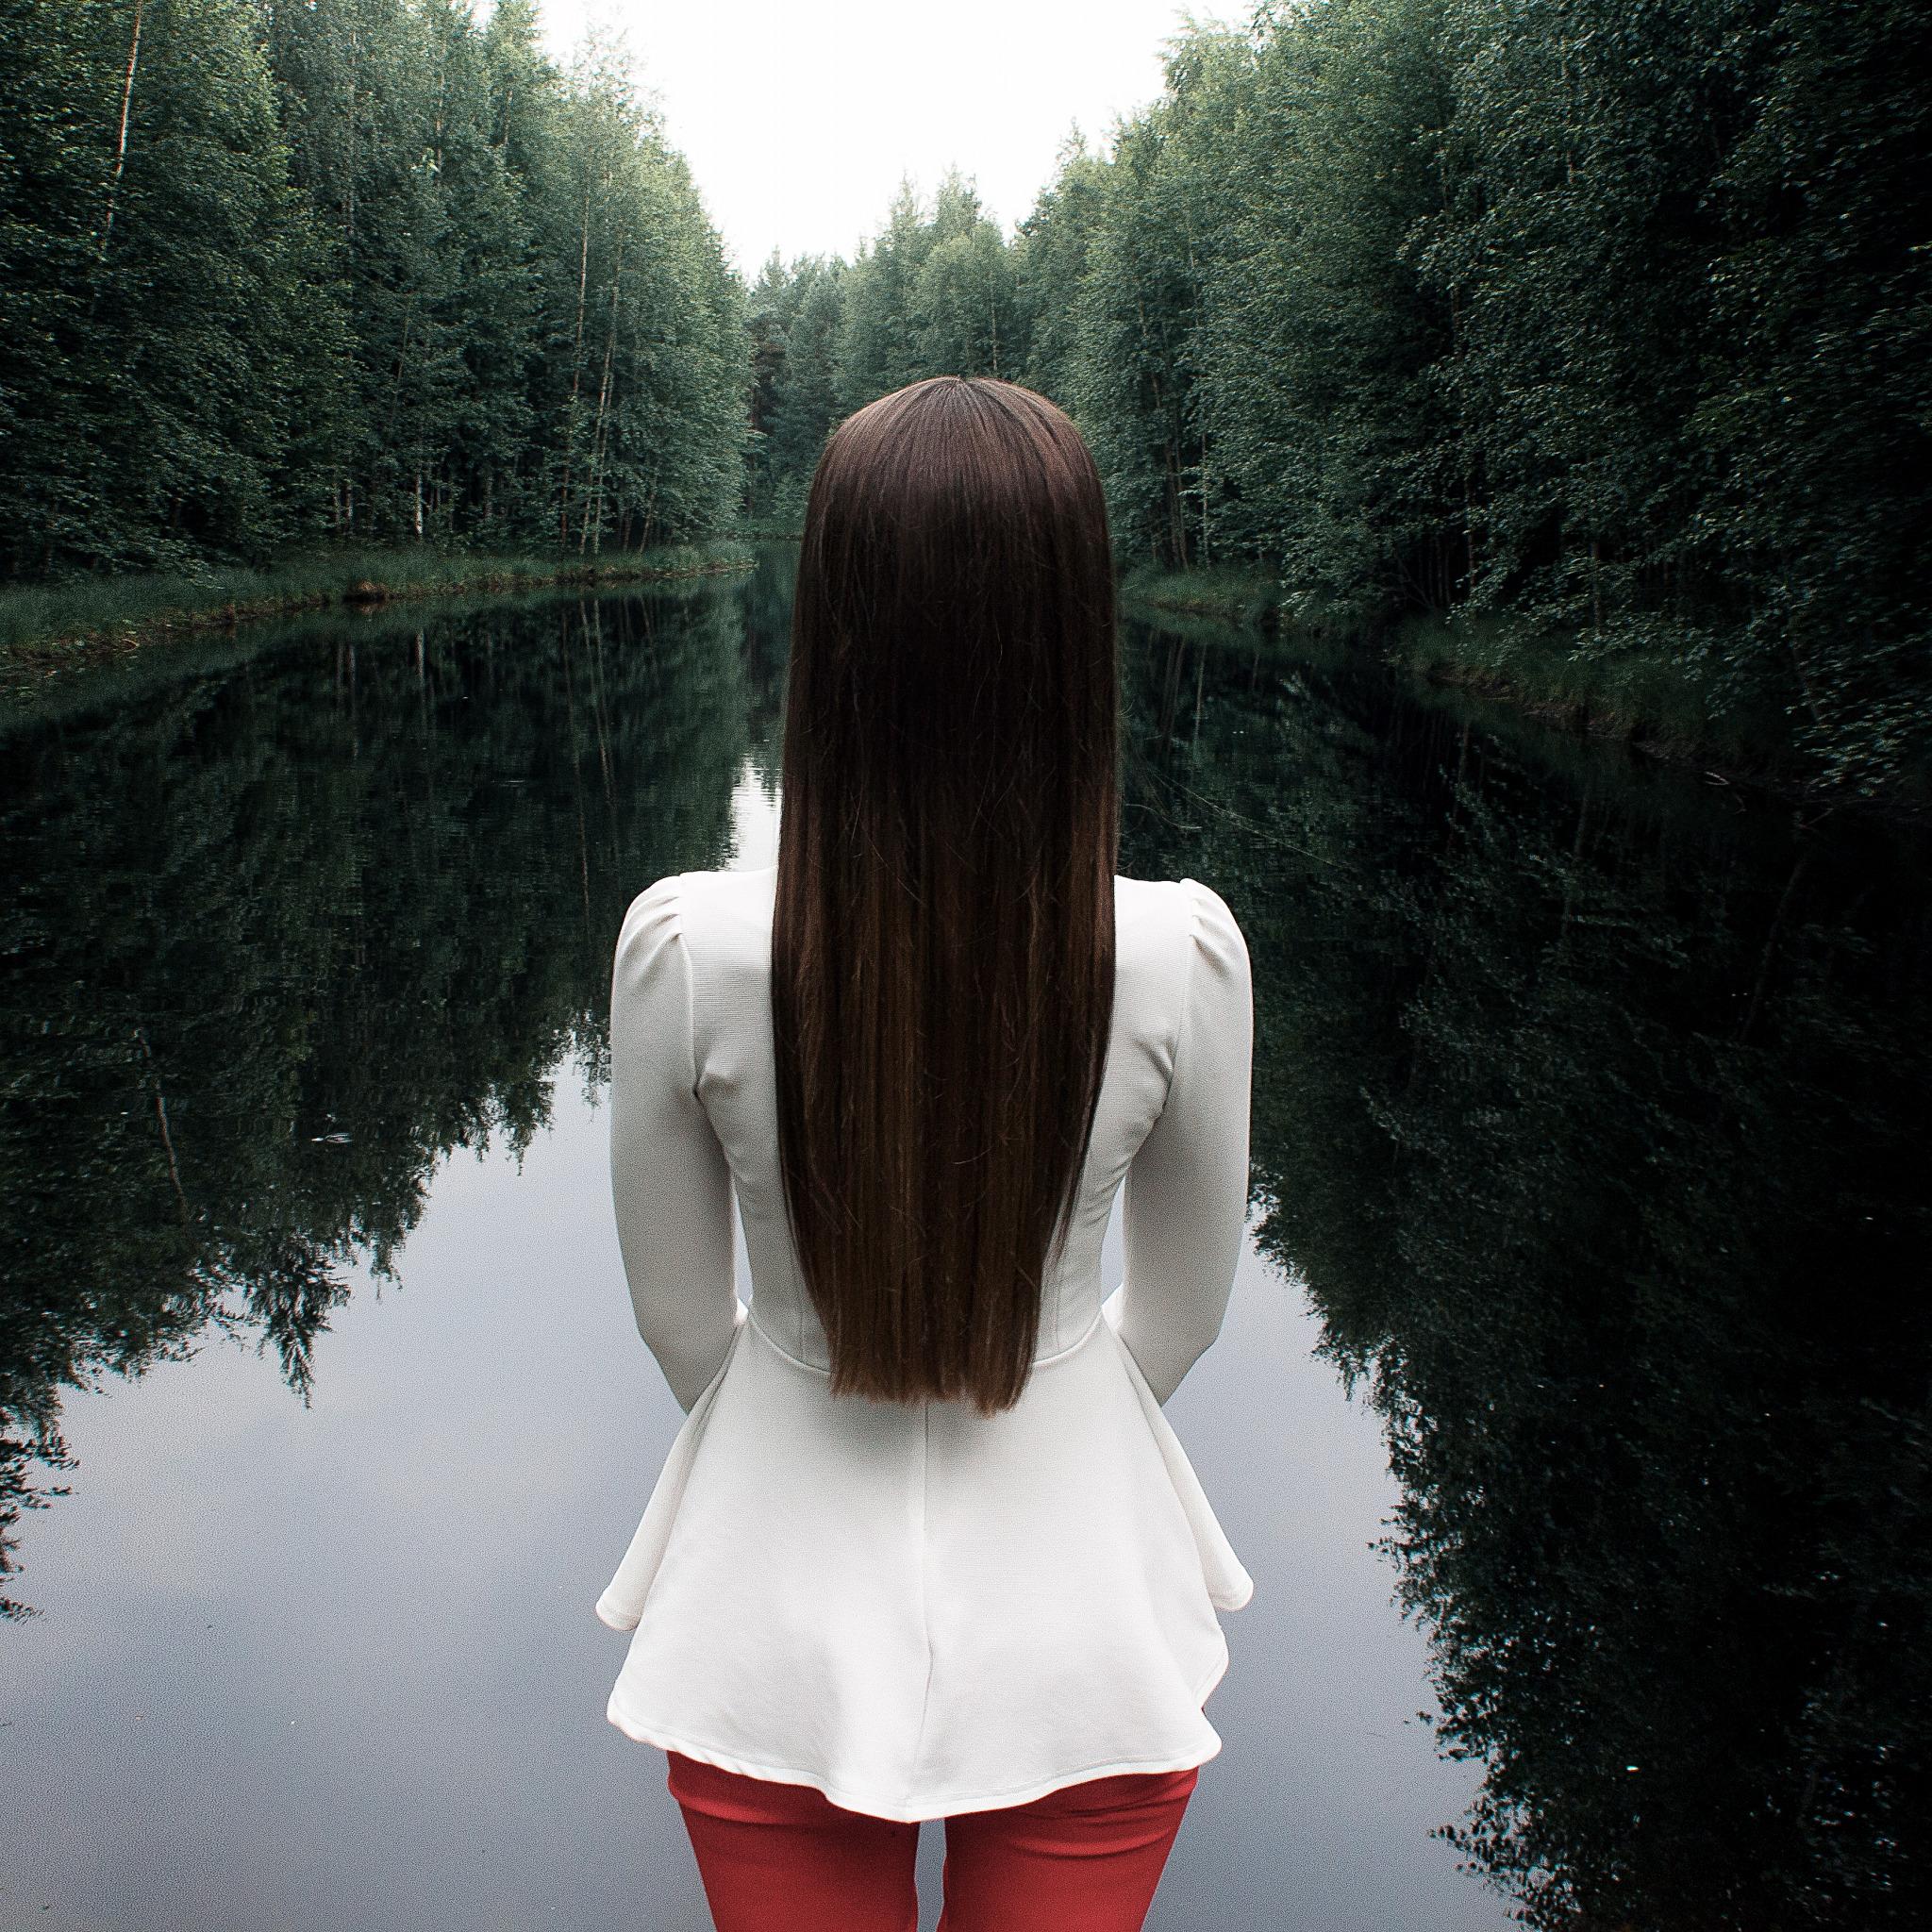 Картинка девушки стоящий сзади